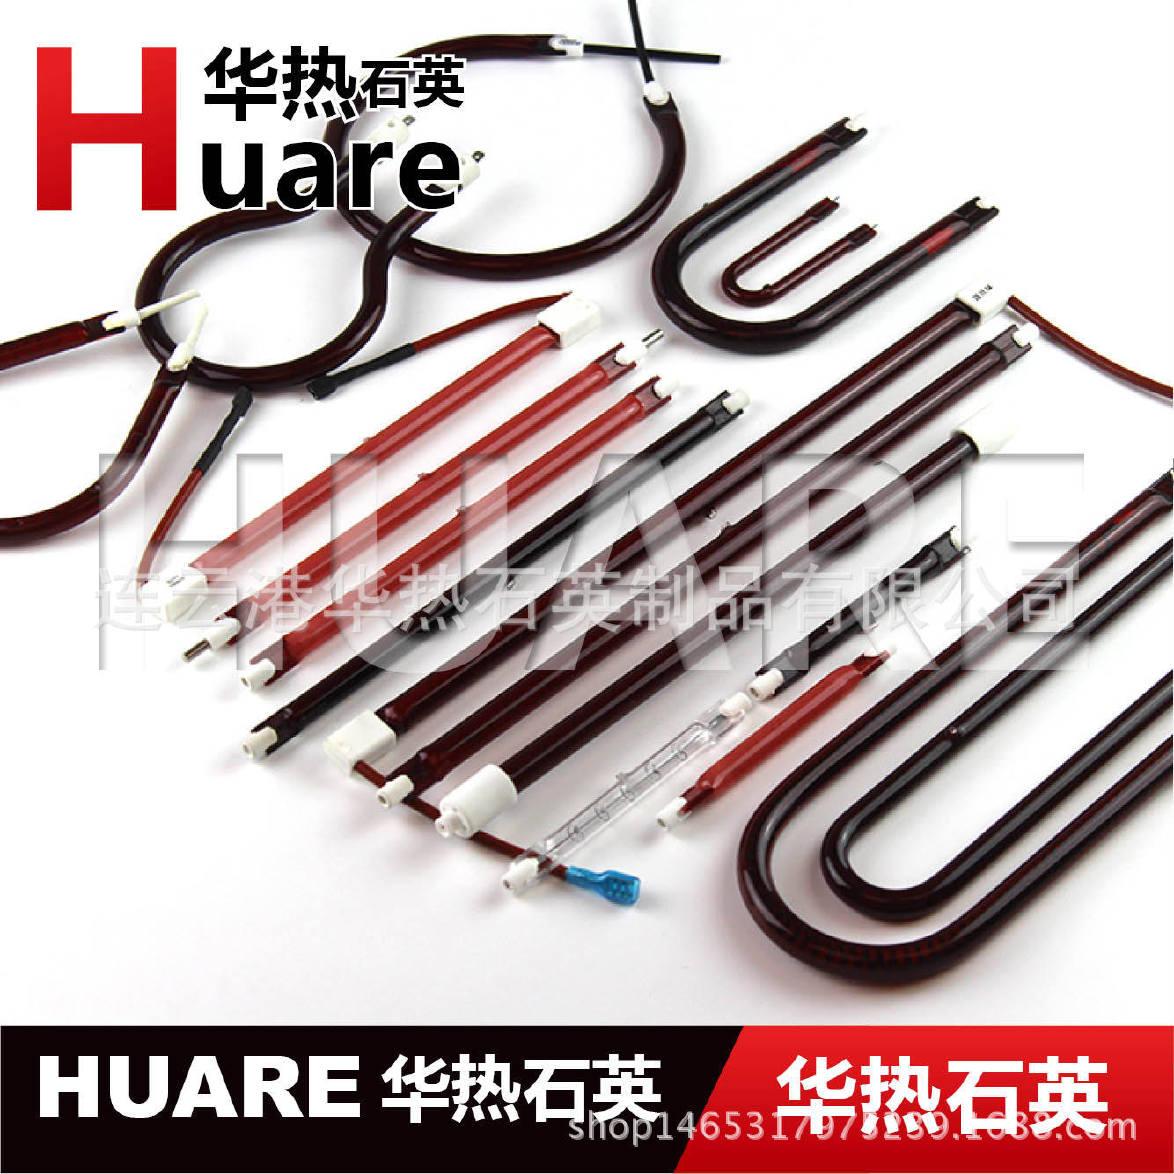 红外线灯 理疗 美容保健 美肤养生 TDP电磁波治疗器